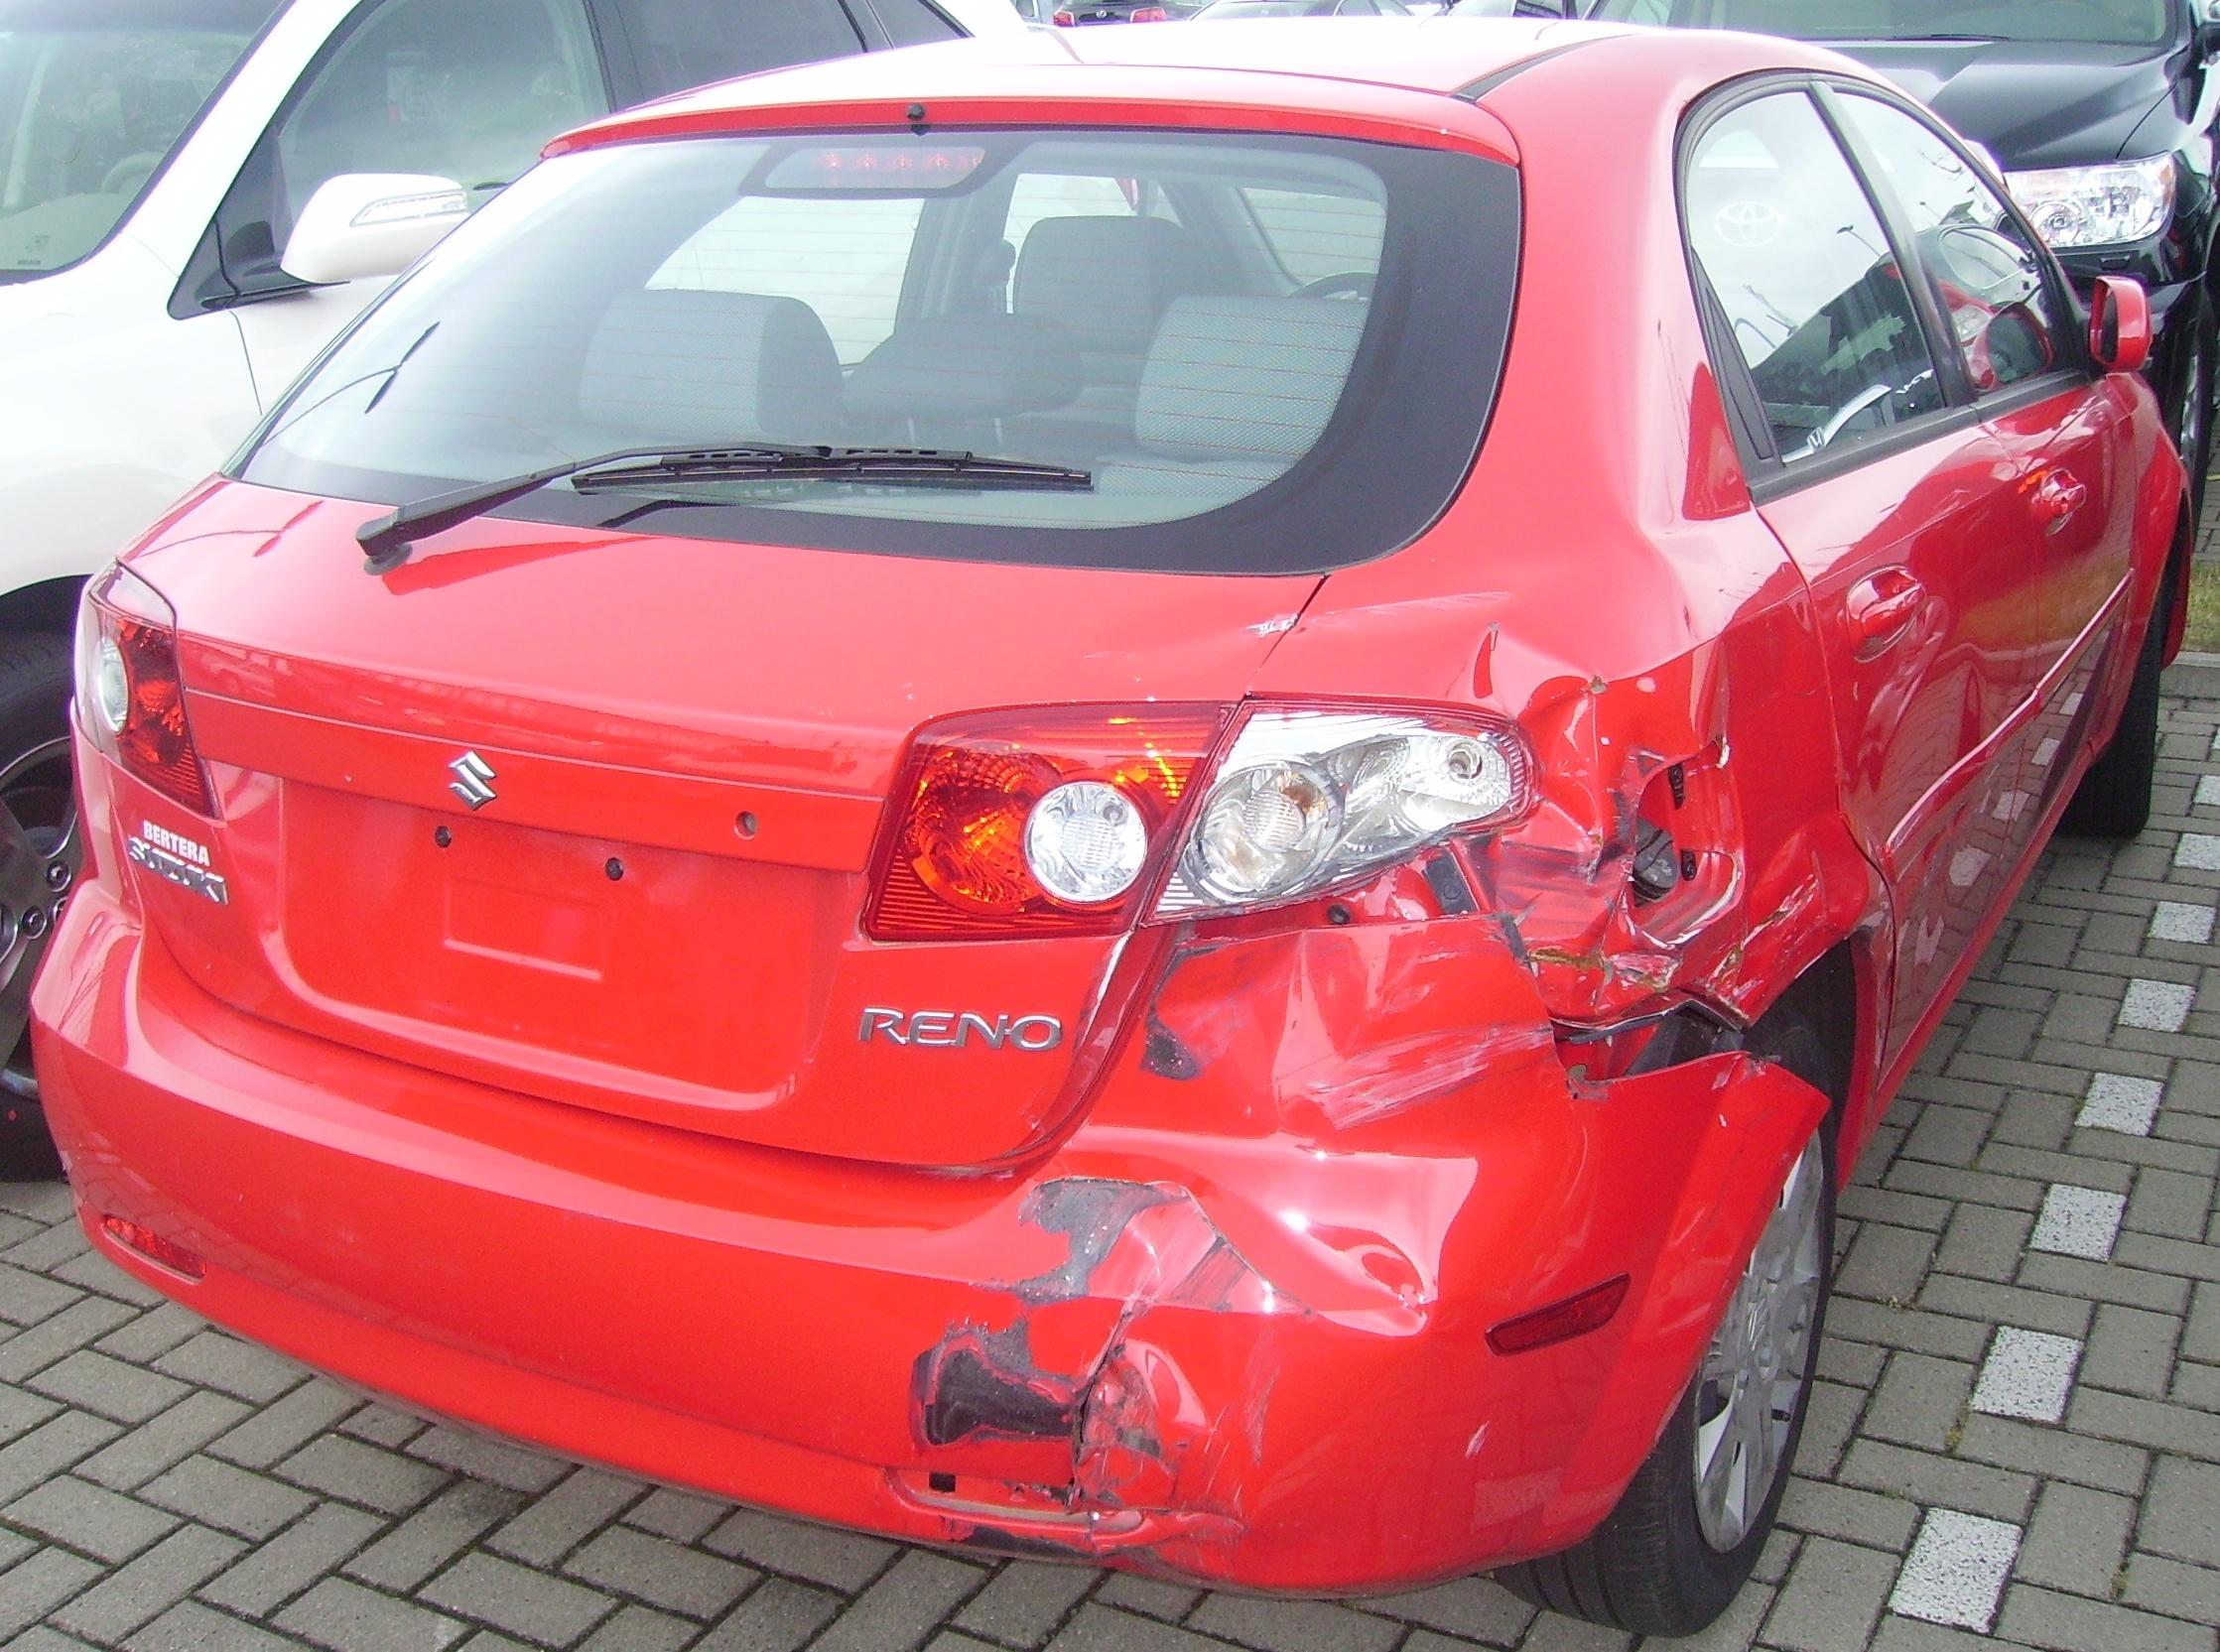 file damaged suzuki reno wikimedia mons